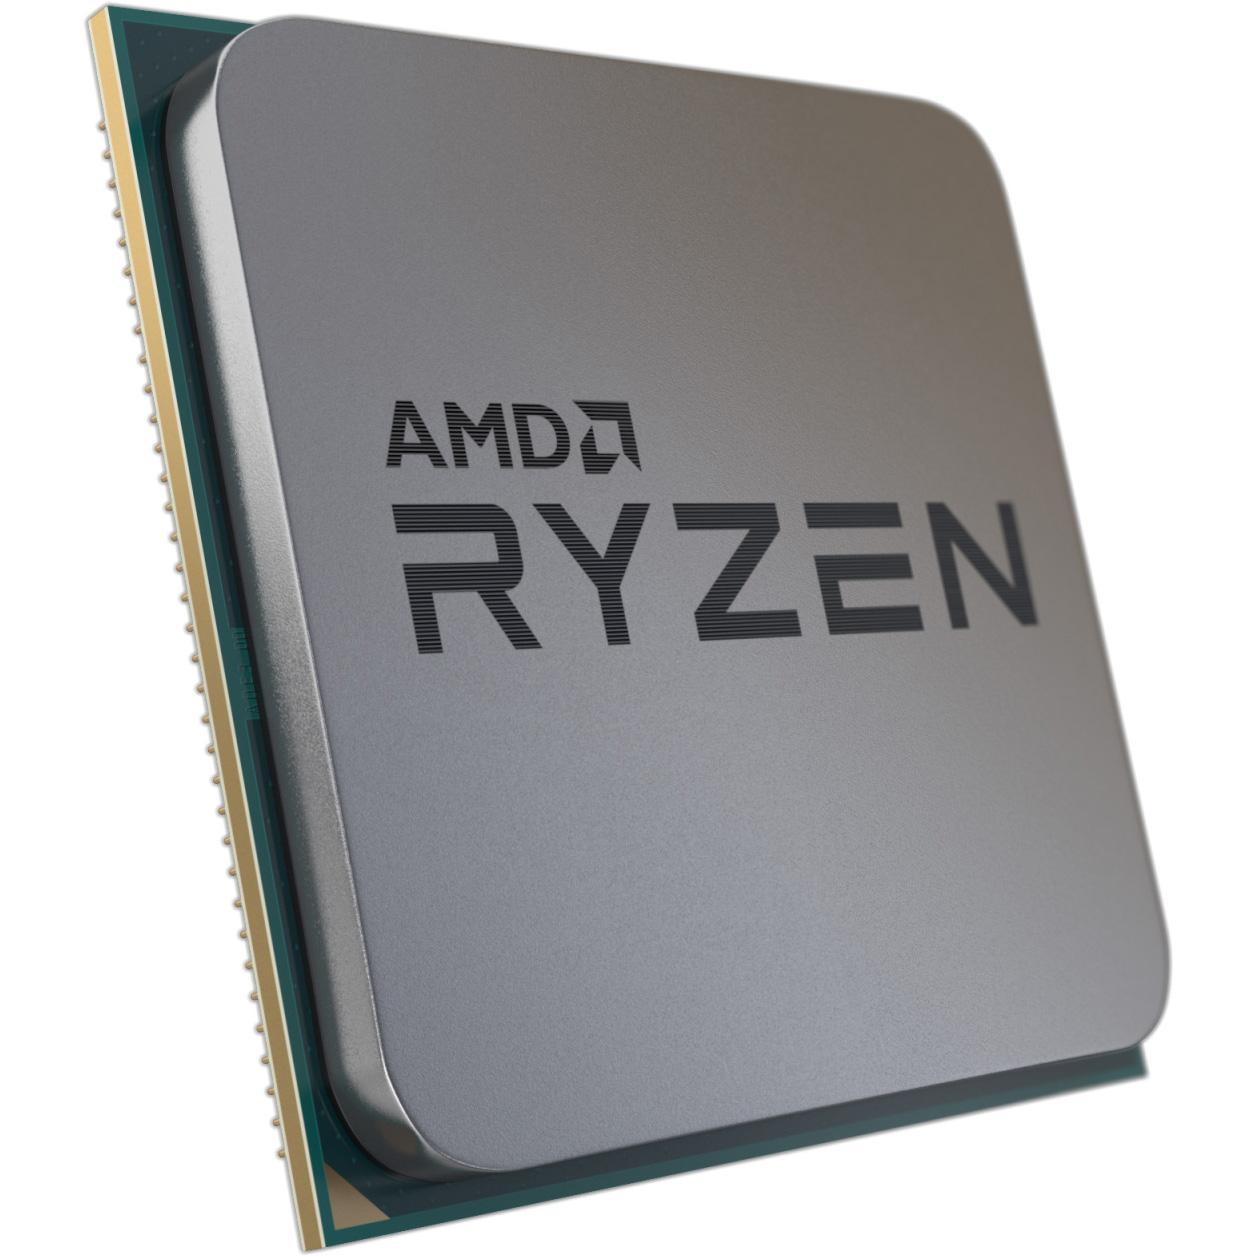 AMD Ryzen Chip Shot - Angled